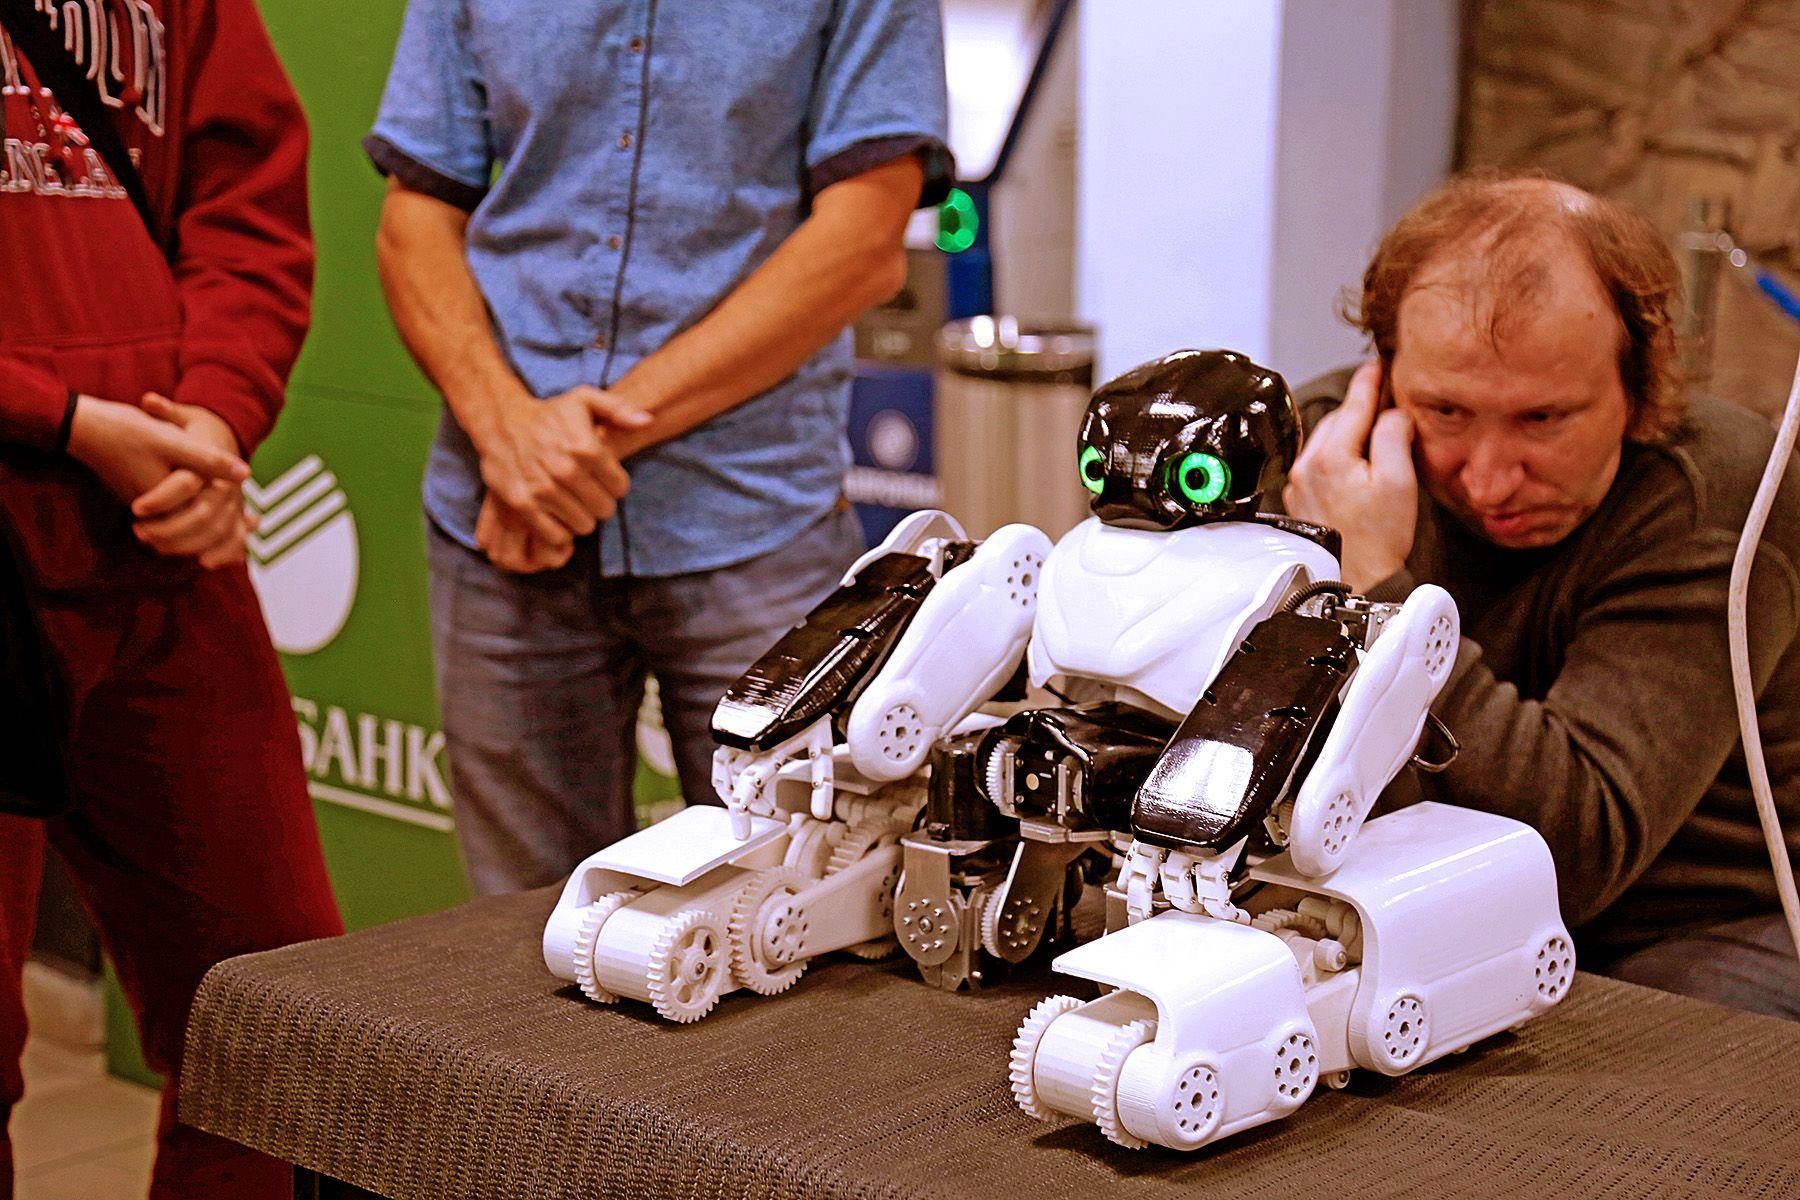 «Привет, я - робот» или кто виноват и что делать